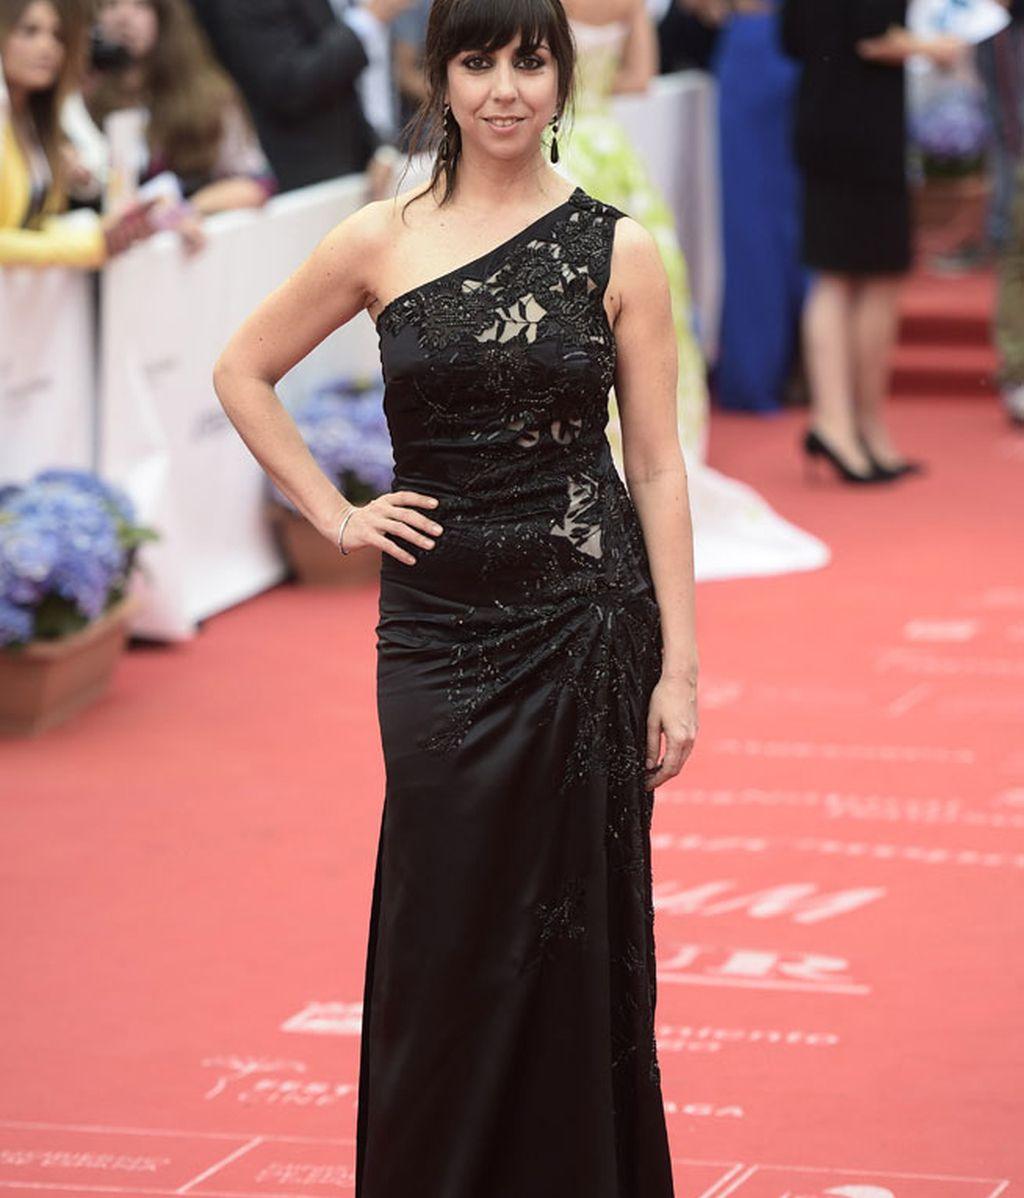 La actriz Carmen Ruiz, con vestido negro con bordados